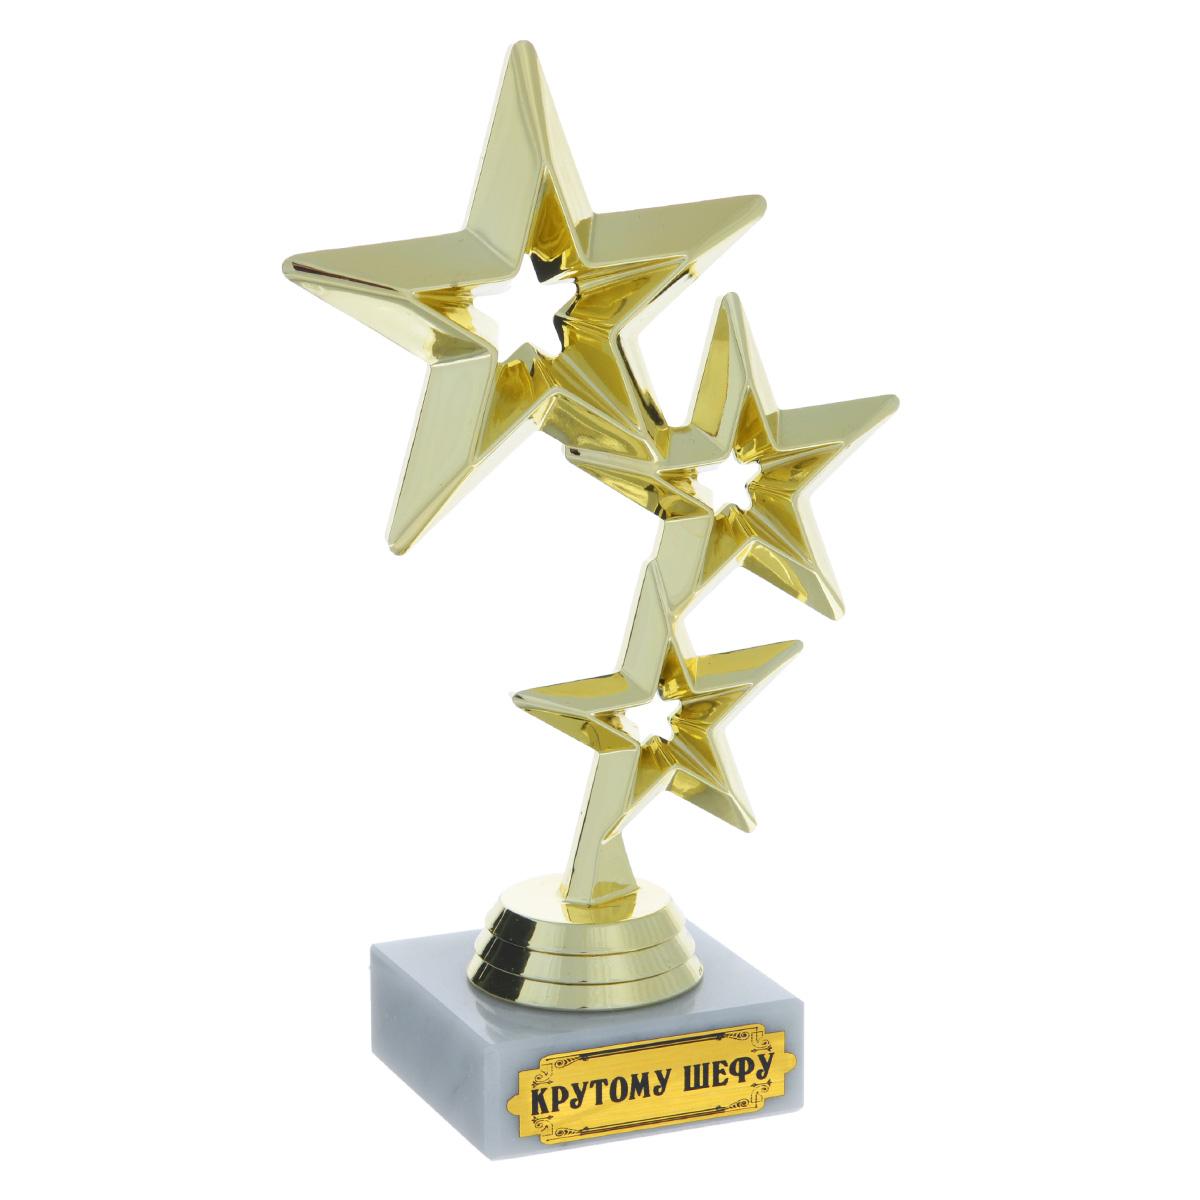 Кубок Три звезды. Крутому шефу, высота 17 см030523009Кубок Три звезды. Крутому шефу станет оригинальным сувениром. Кубок выполнен из пластика с золотистым покрытием в виде трех звезд. Основание изготовлено из искусственного мрамора и оформлено надписью: Крутому шефу. Такой кубок обязательно порадует получателя, вызовет улыбку и массу положительных эмоций.